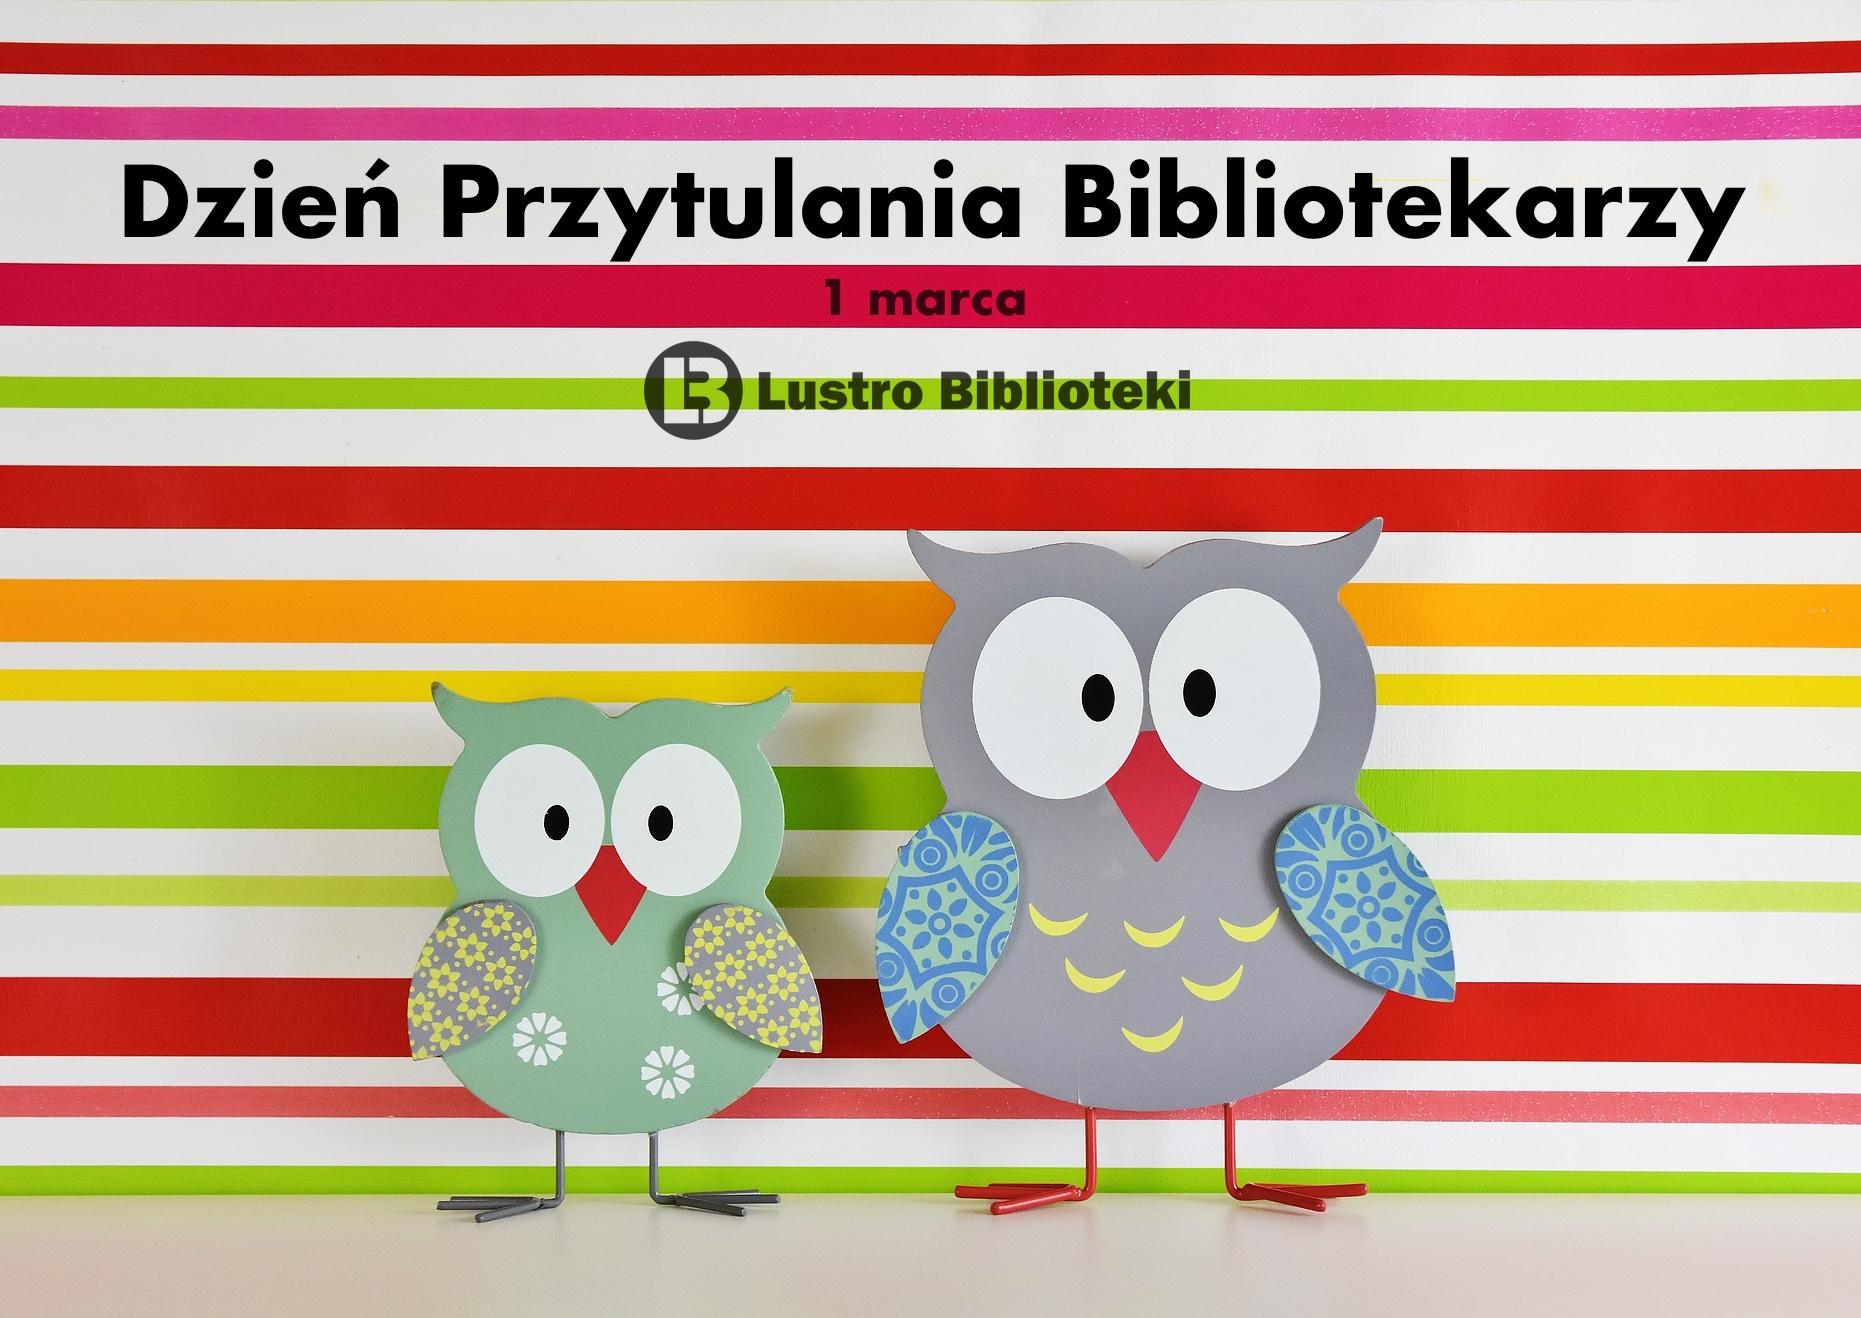 Znalezione obrazy dla zapytania międzynarodowy dzień przytulania bibliotekarzy